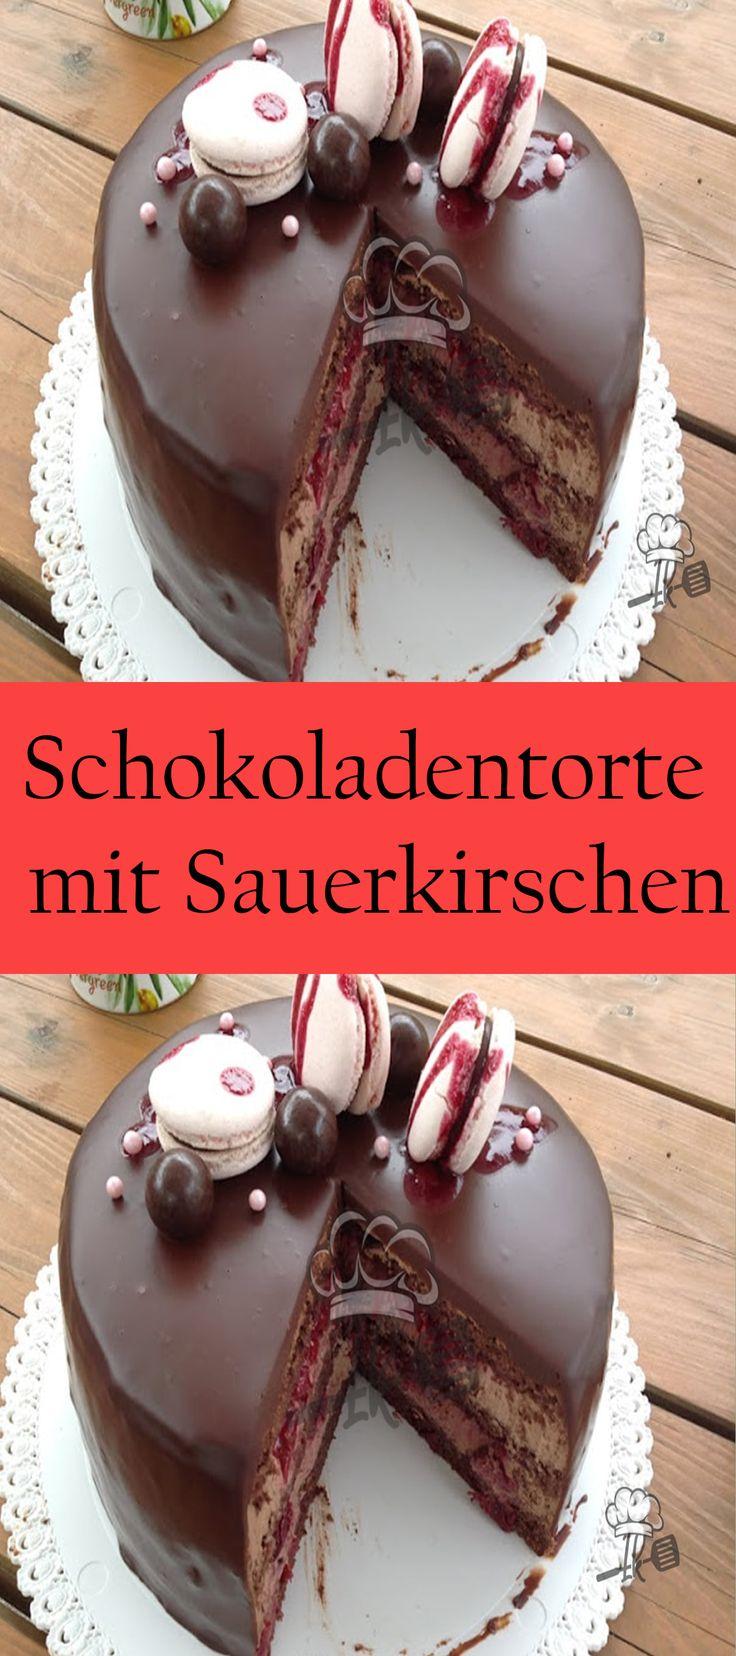 Schokoladentorte mit Sauerkirschen Schokoladen torte